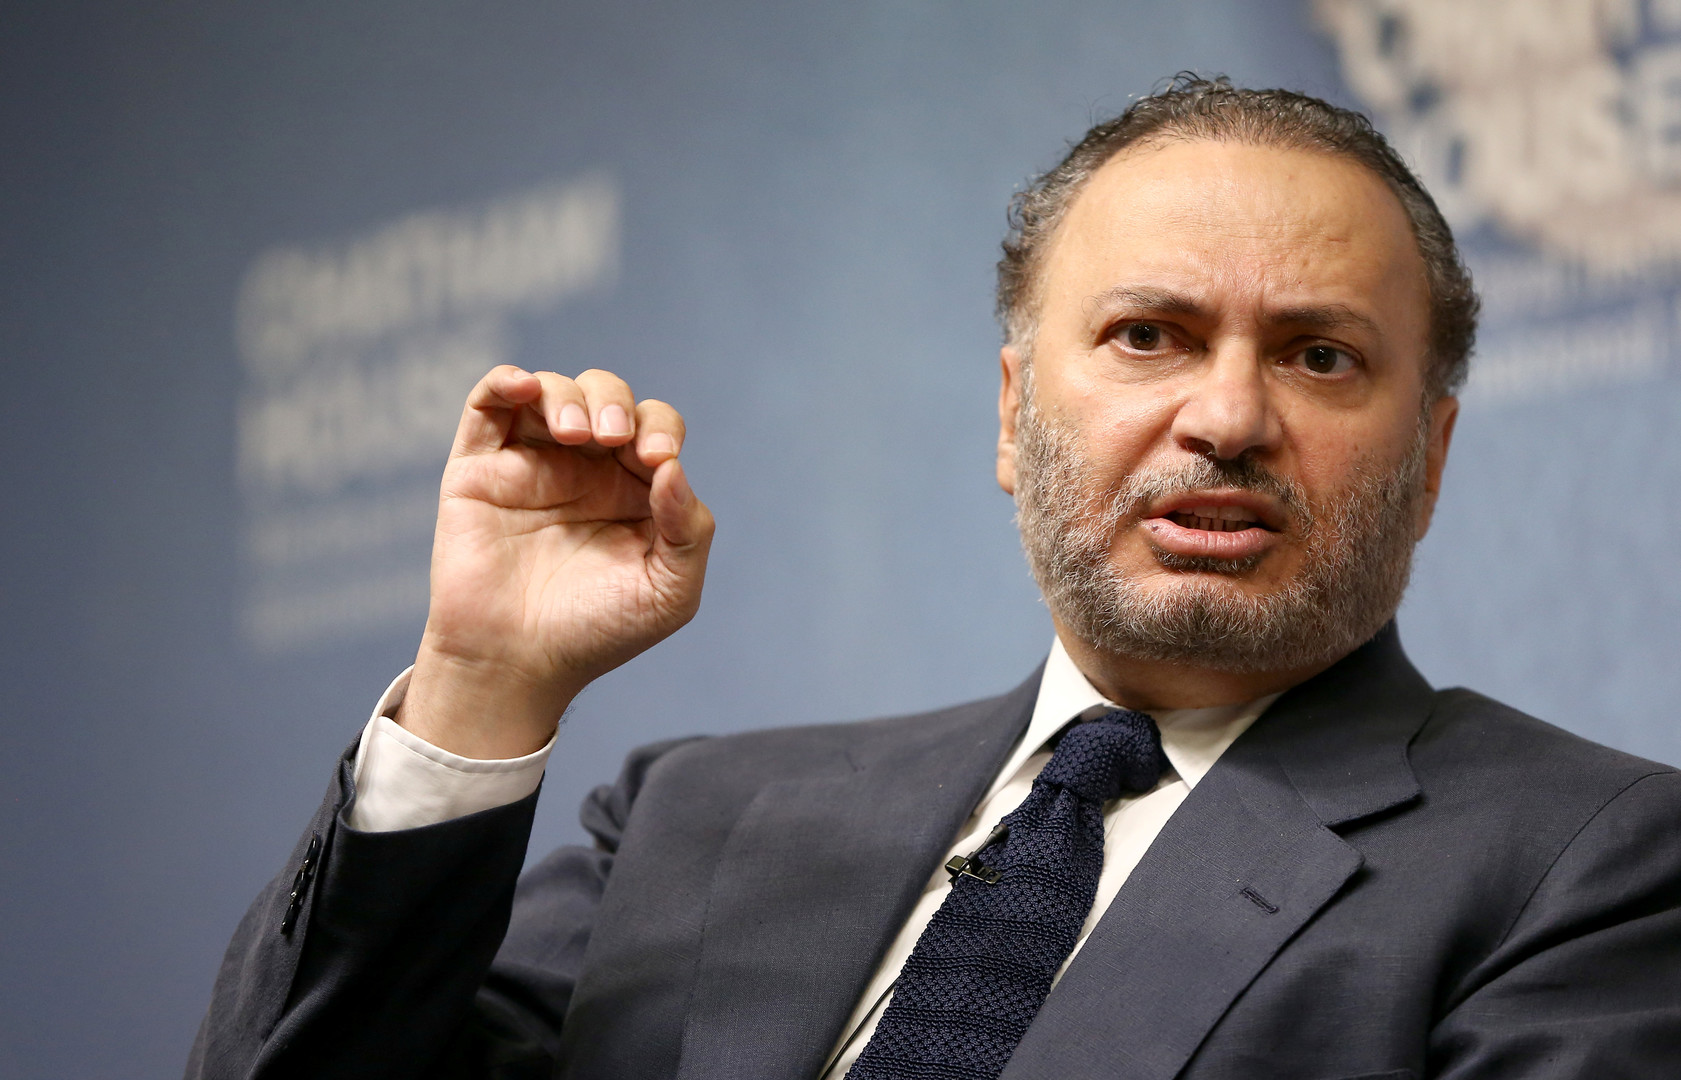 قرقاش: الإمارات لم تفرغ من التحقيق بشأن الهجوم على ناقلات النفط